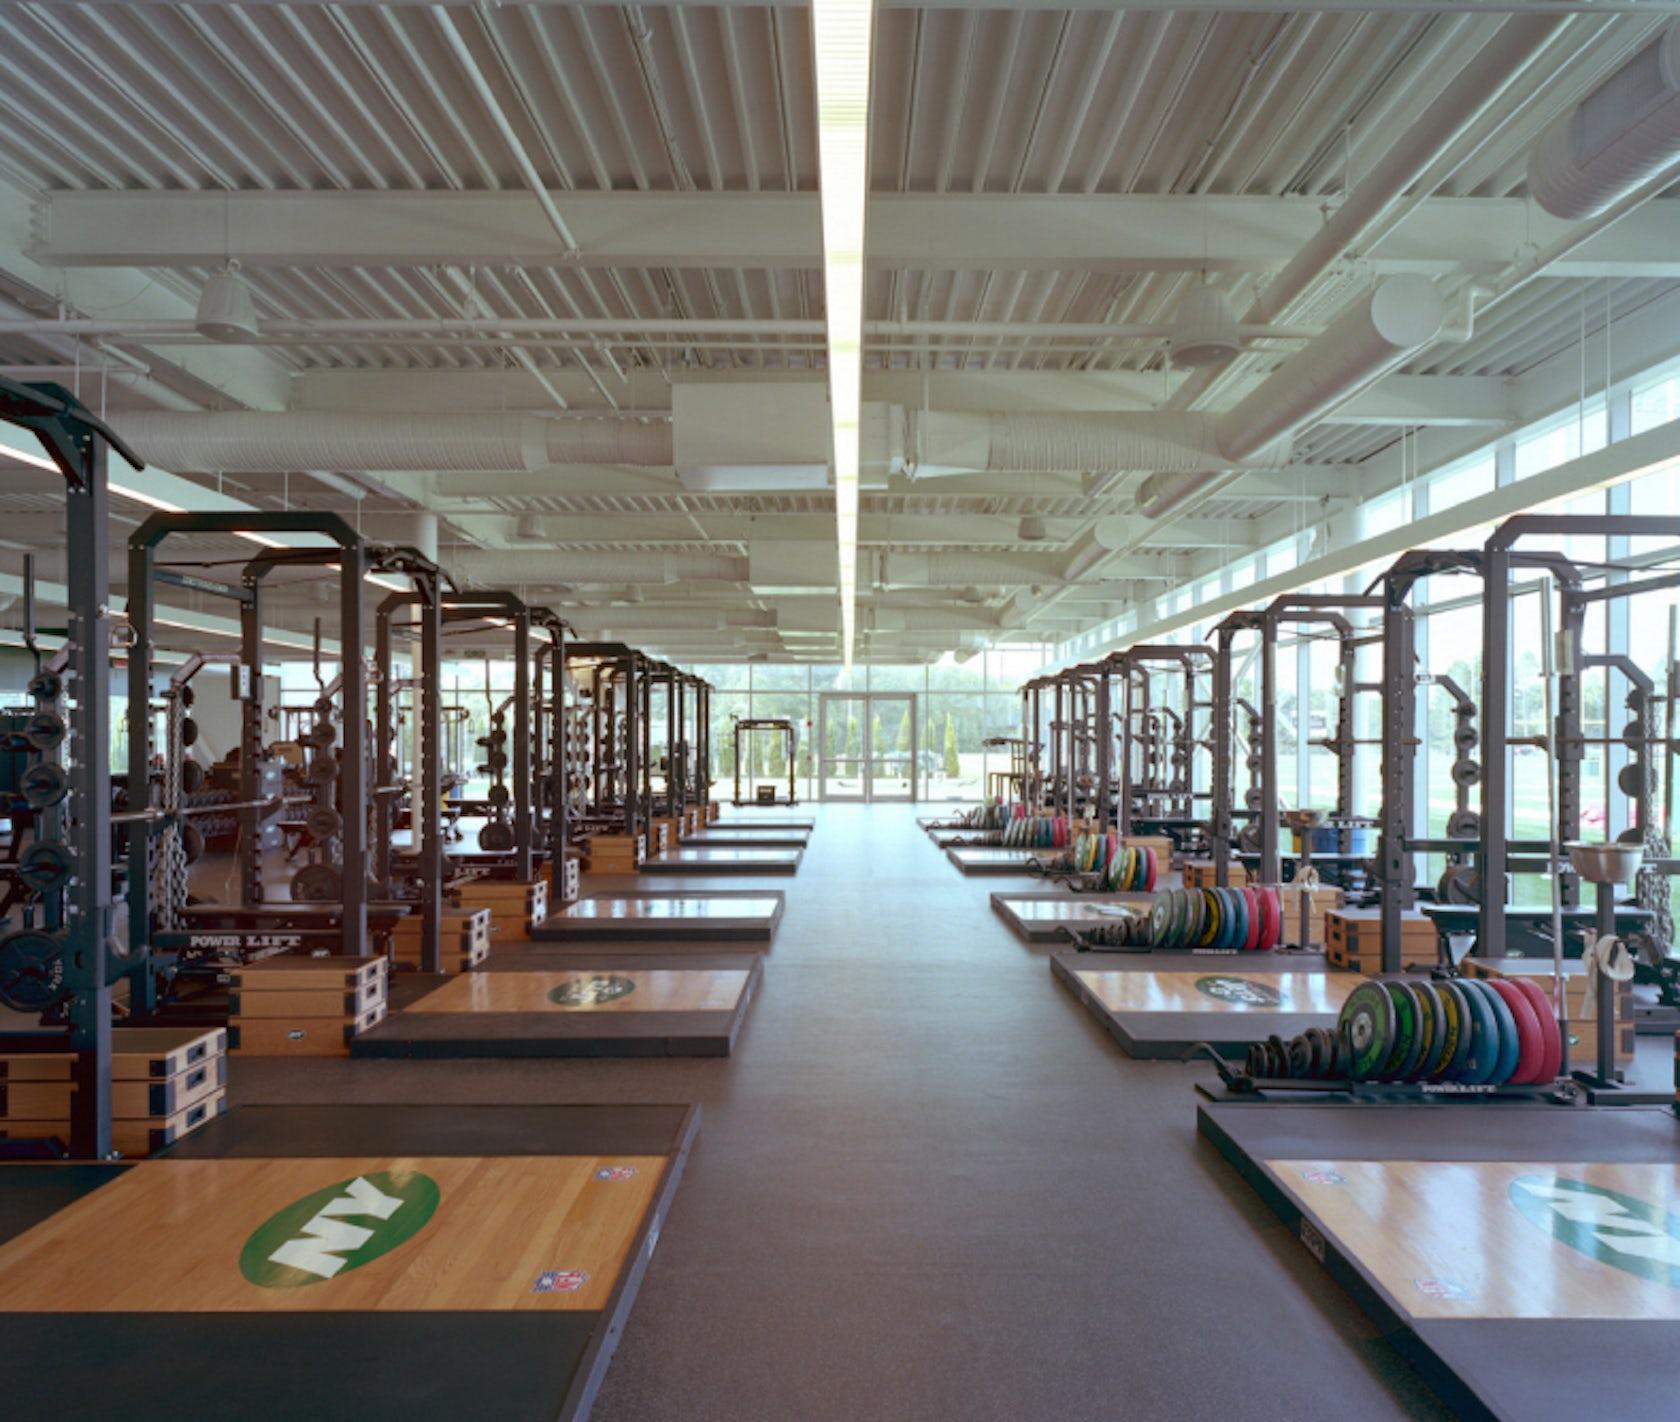 Health New York: Atlantic Health Jets Training Facility